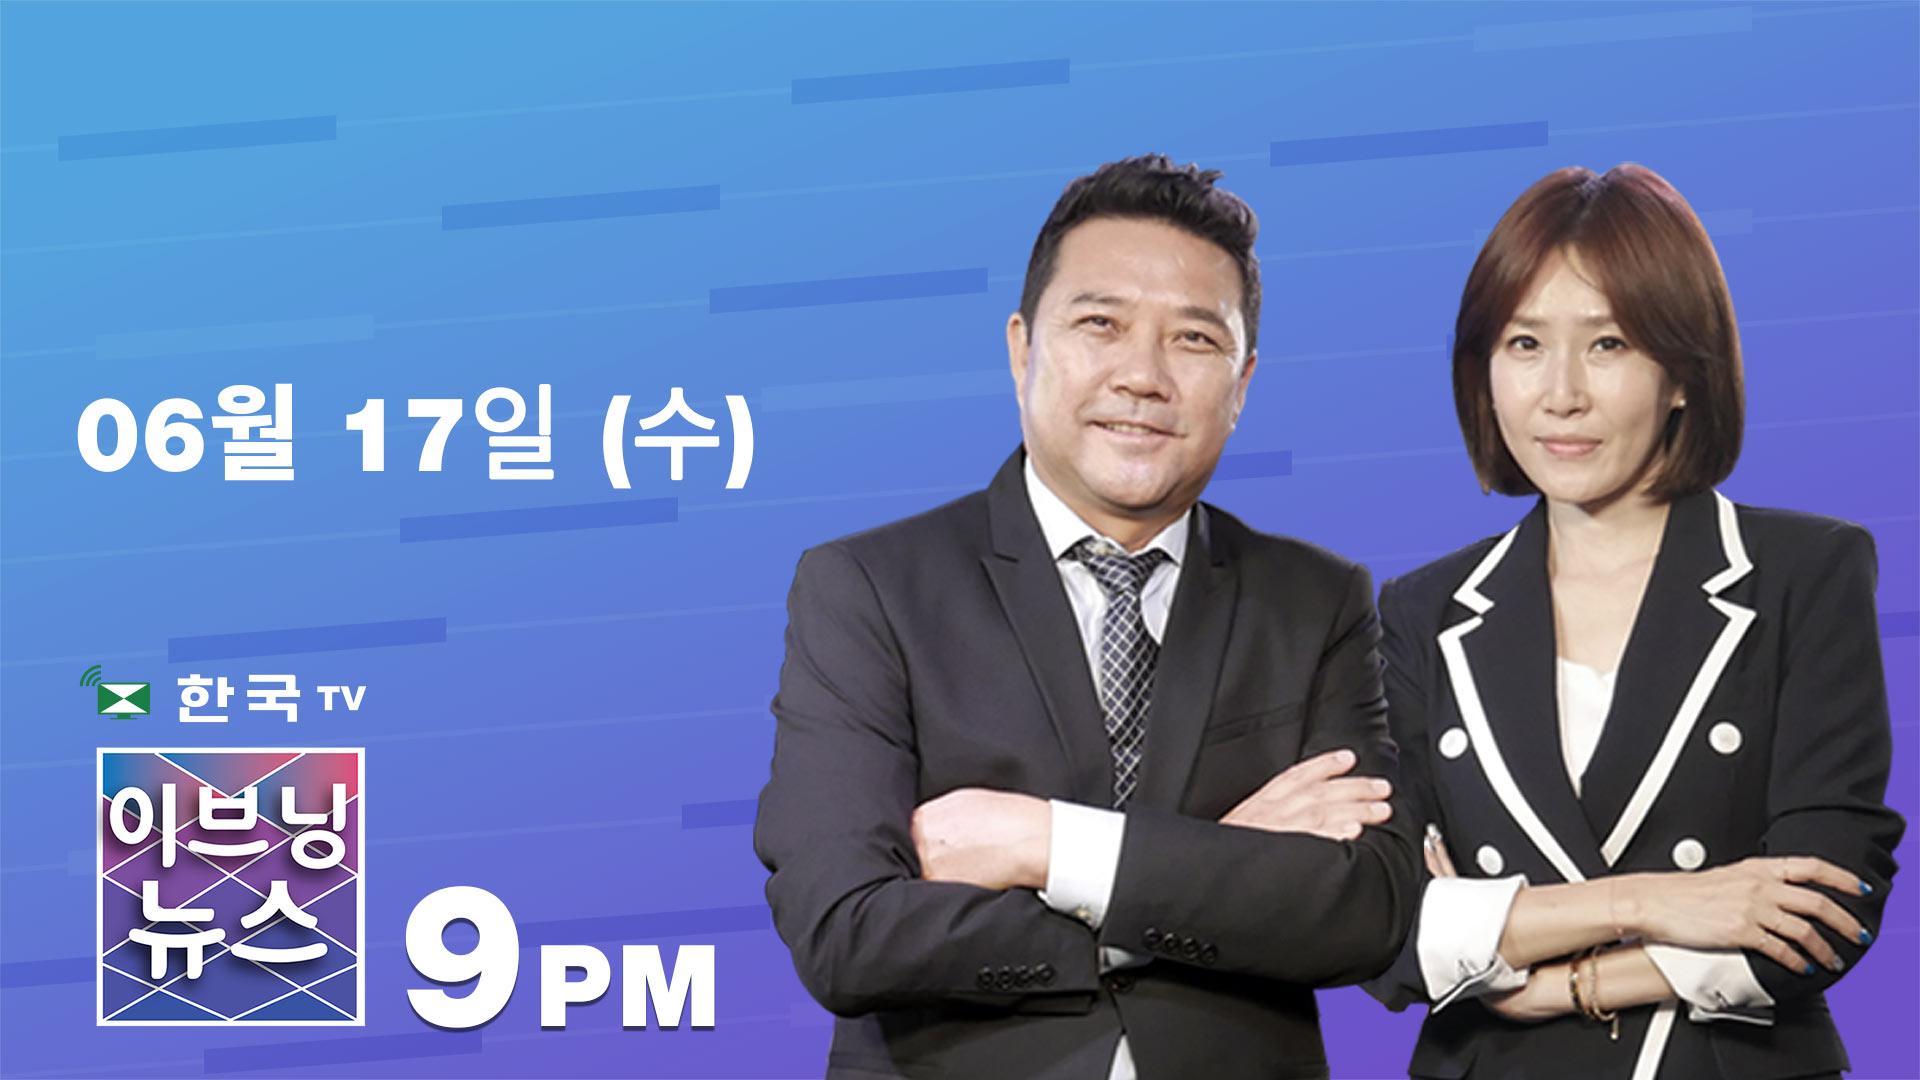 (06.17.2020) 한국TV 이브닝 뉴스